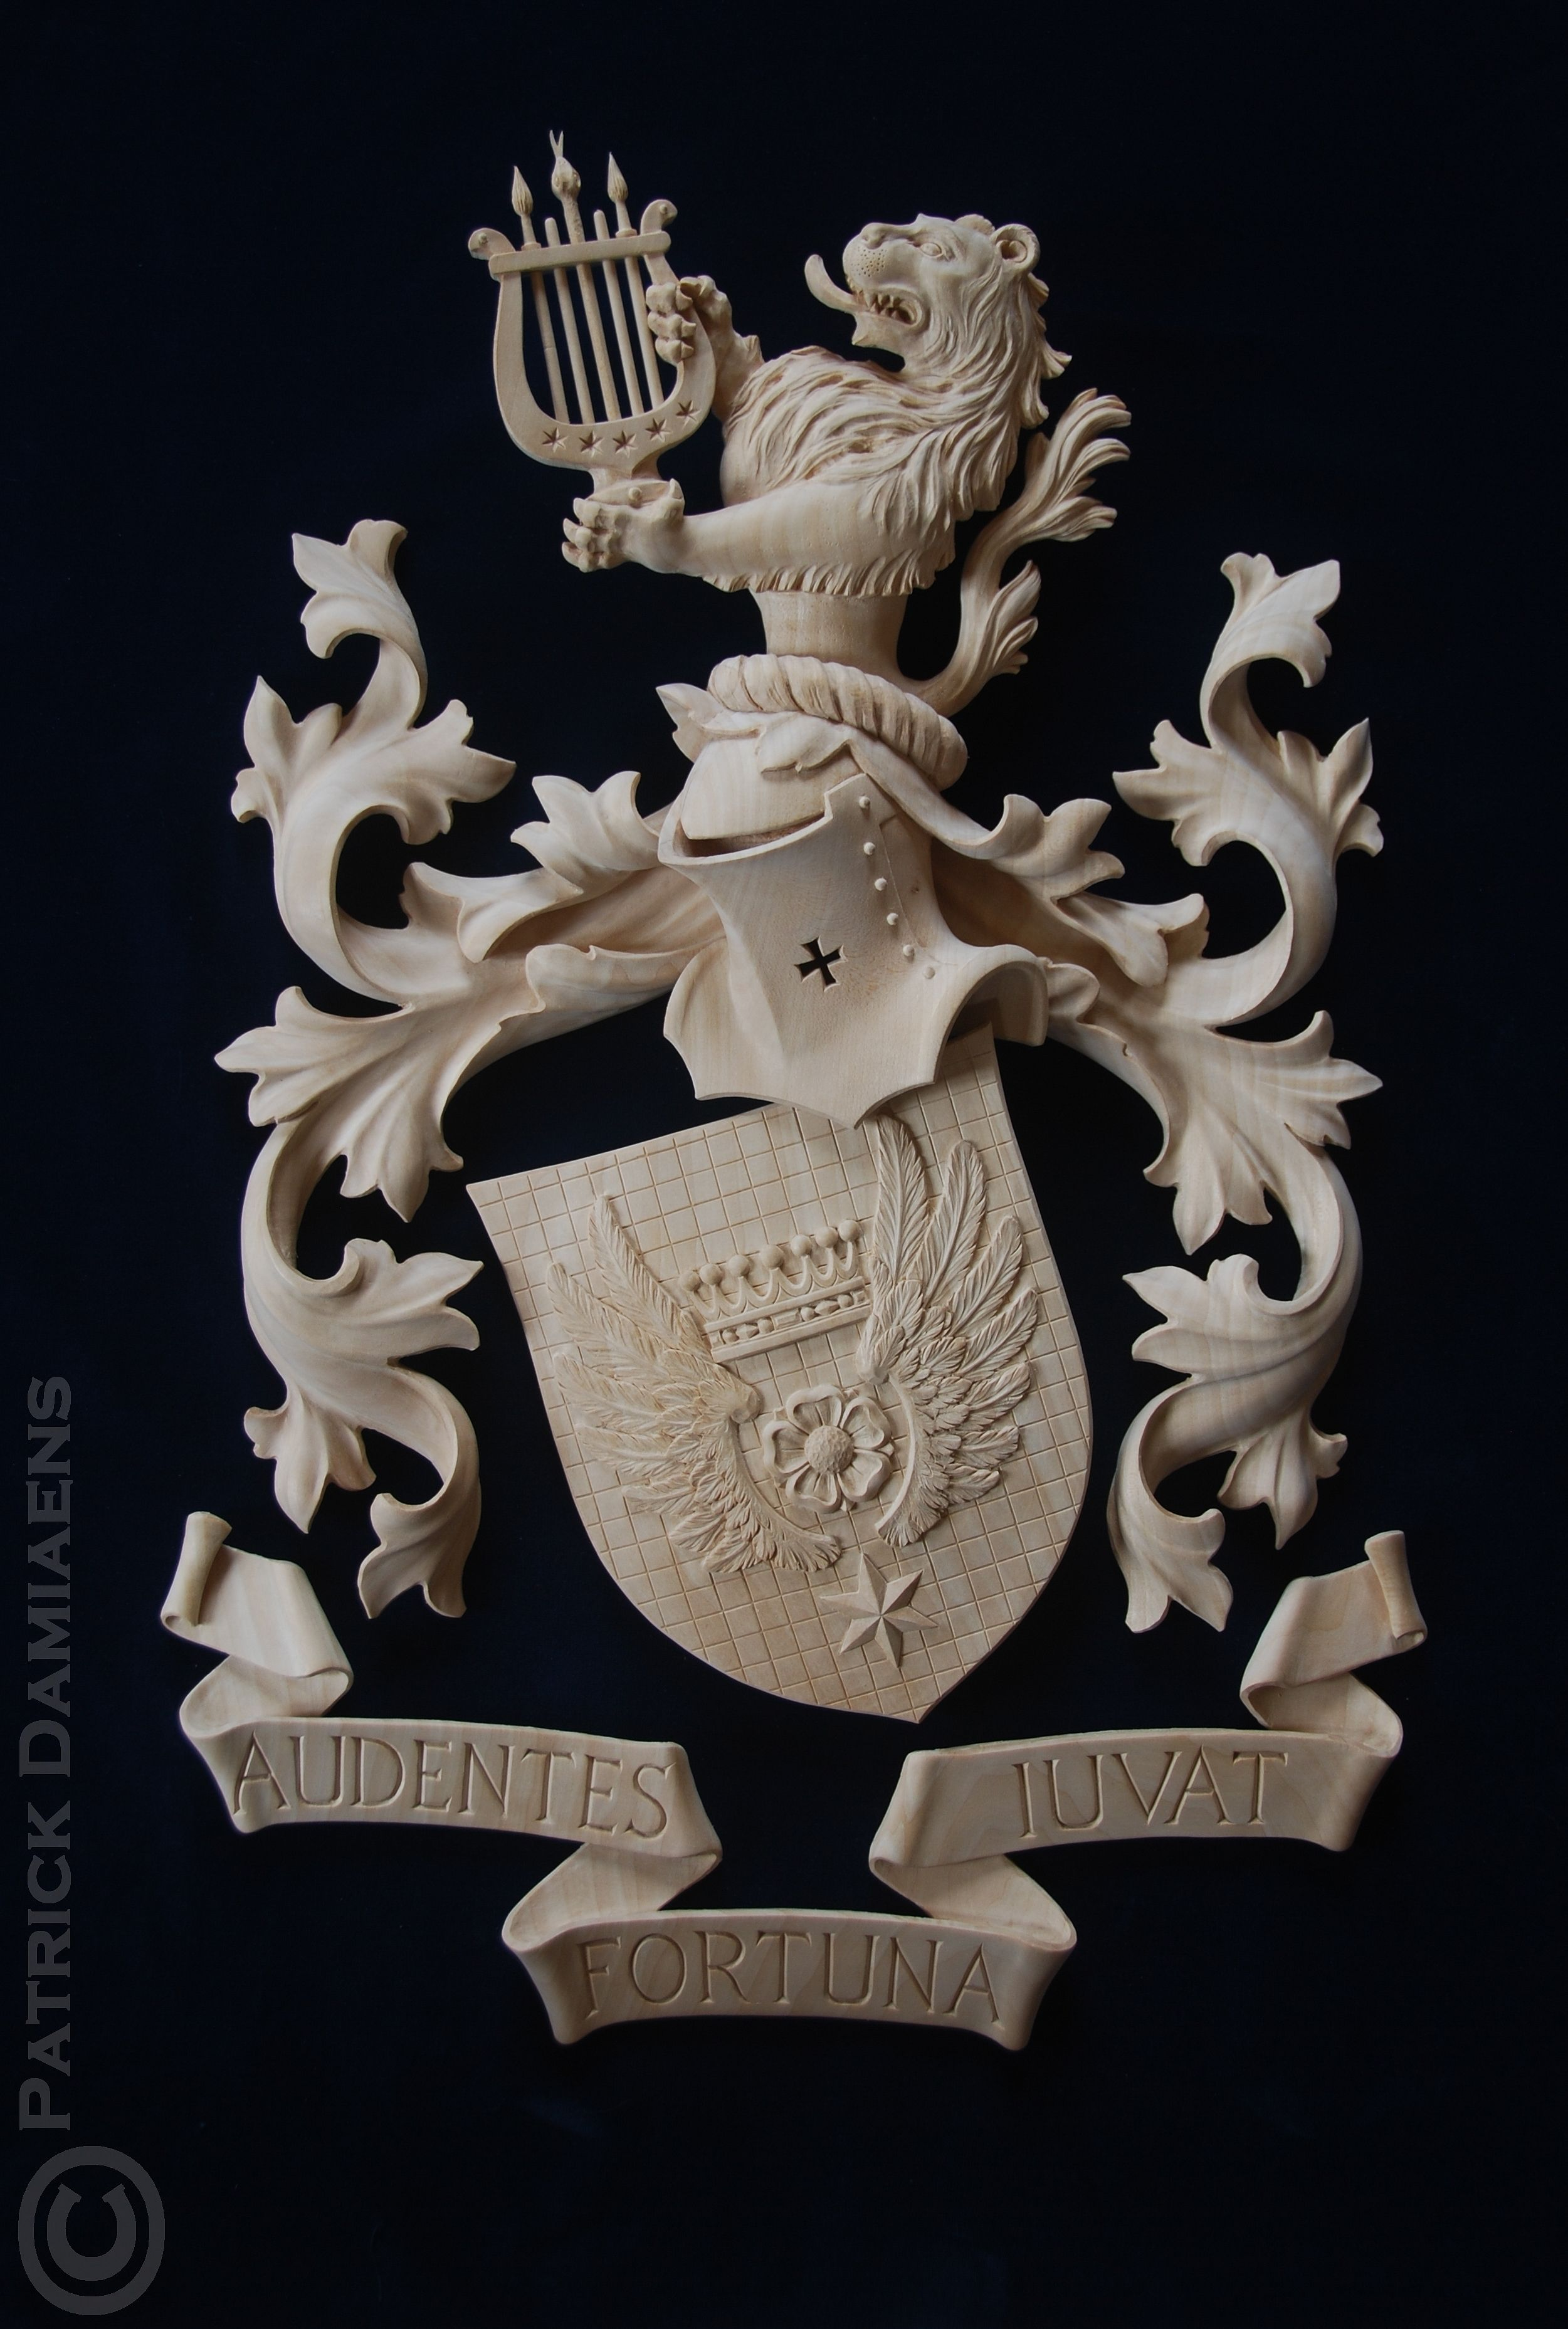 Madera Tallada Con Dibujo De León Crest Escudo De Armas